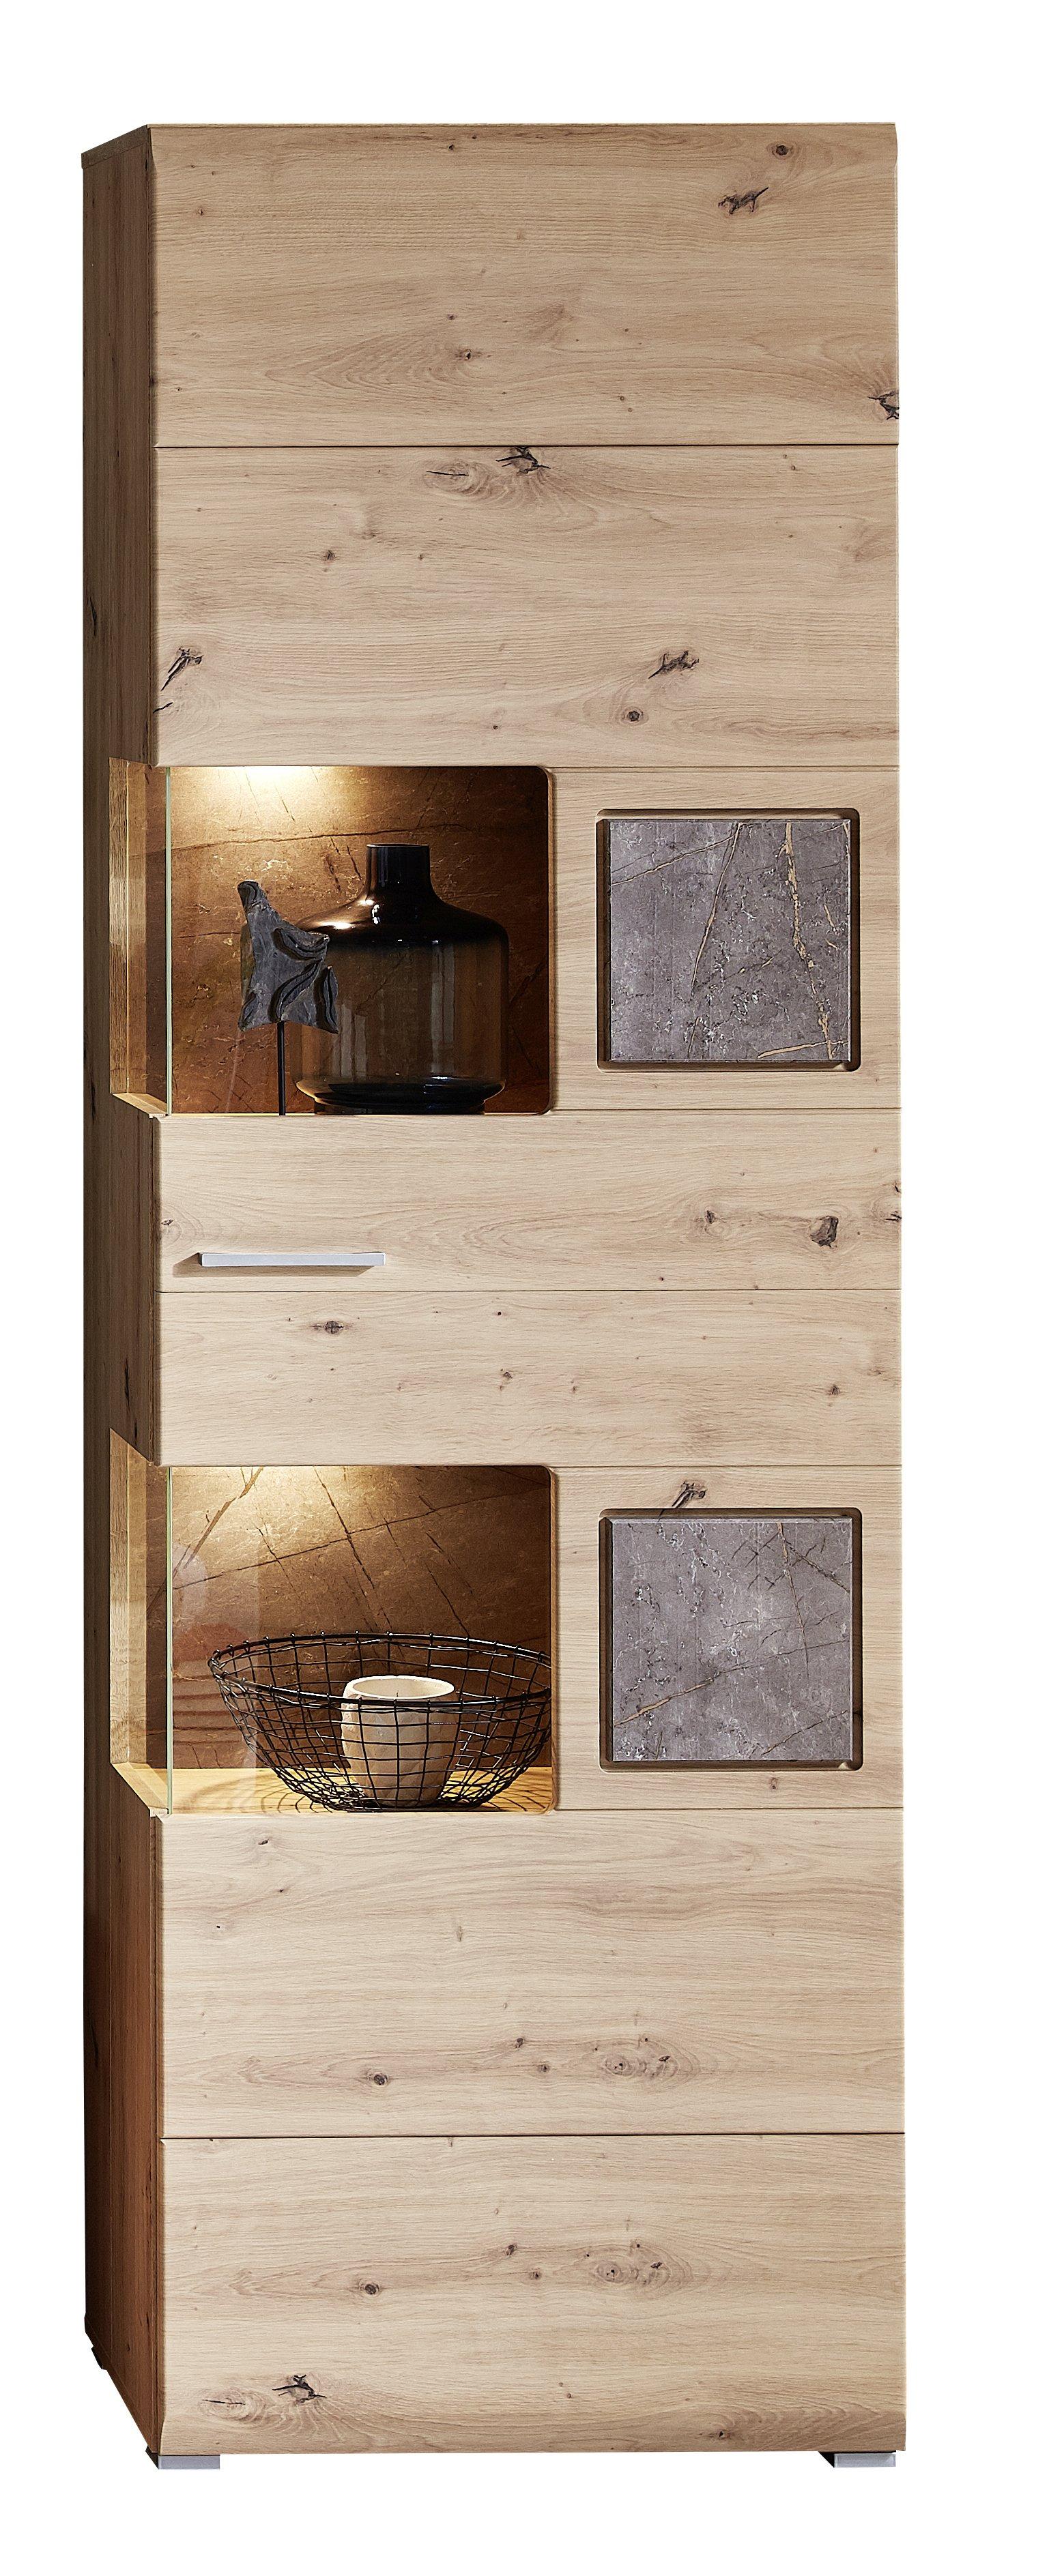 SPIDER PLUS Vitrine + Bel Artisan Eiche/Caspio dunk B/H/T ca. 65/205/37 cm